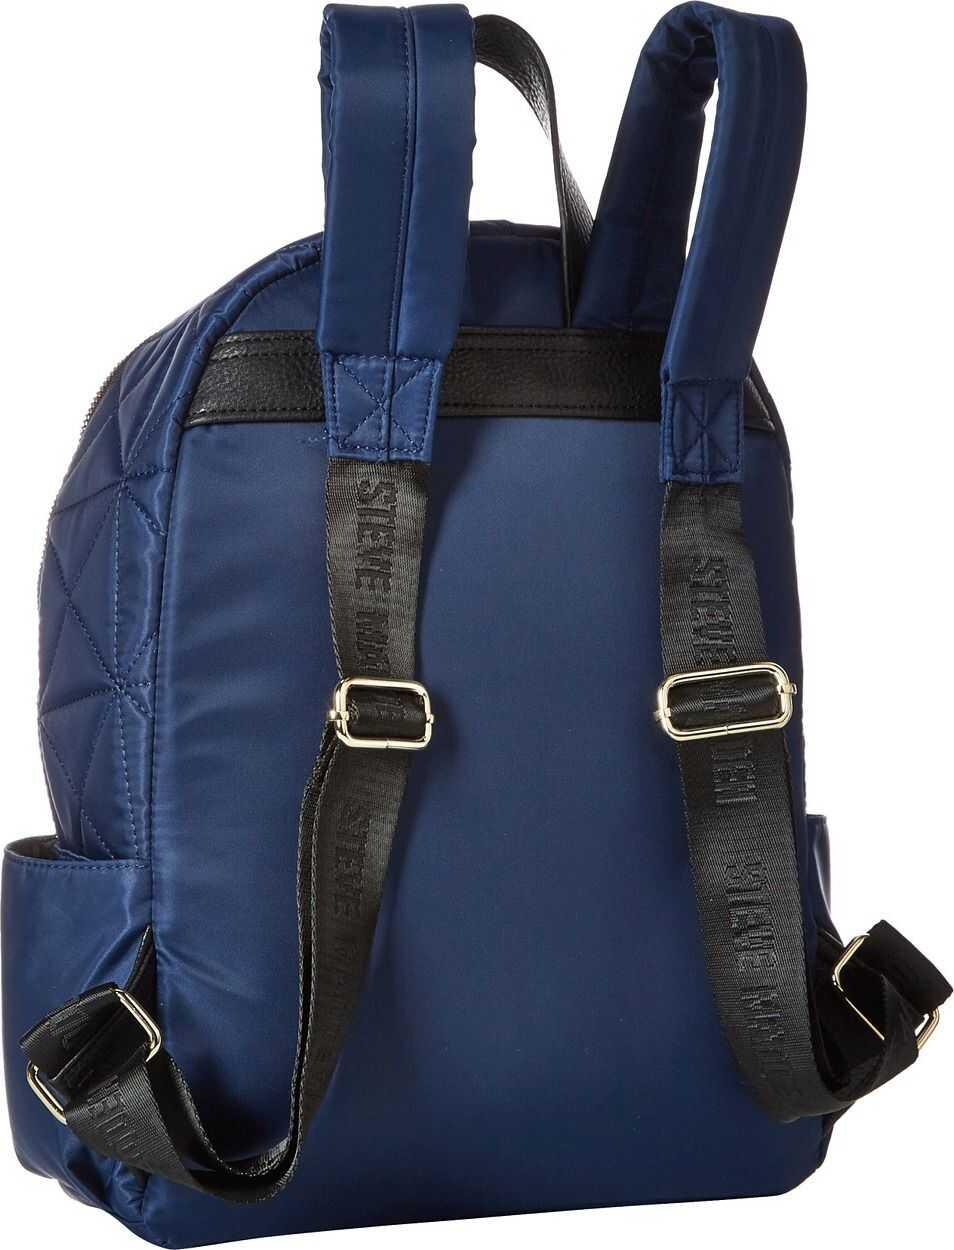 Steve Madden Bbirdy Backpack Navy